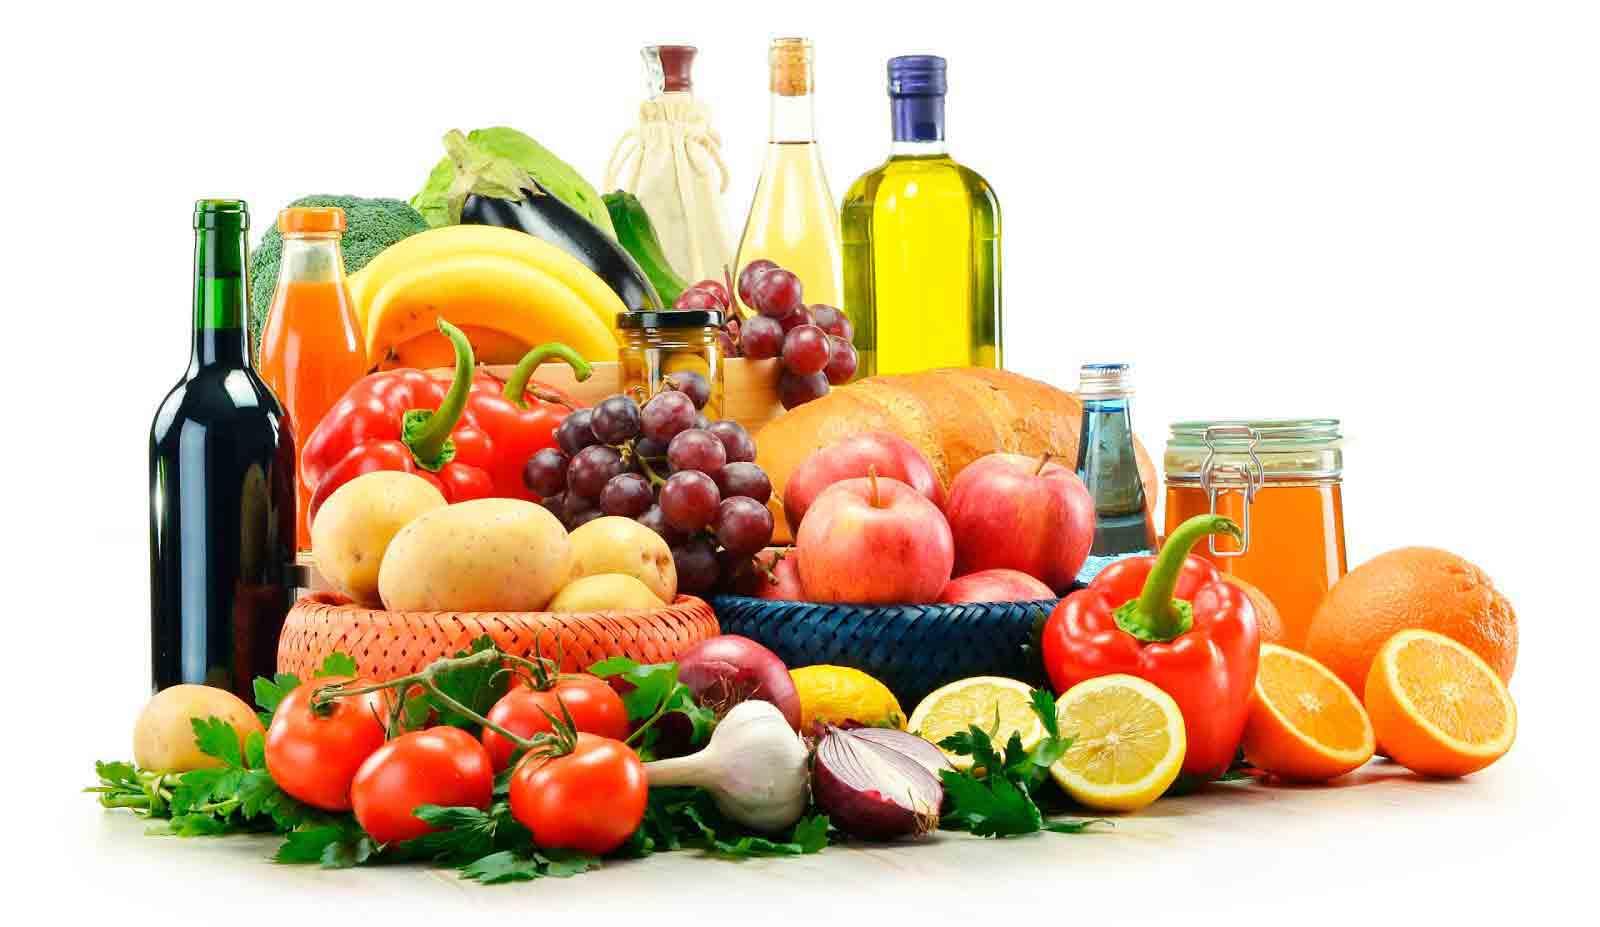 alimentos-ecologicos1